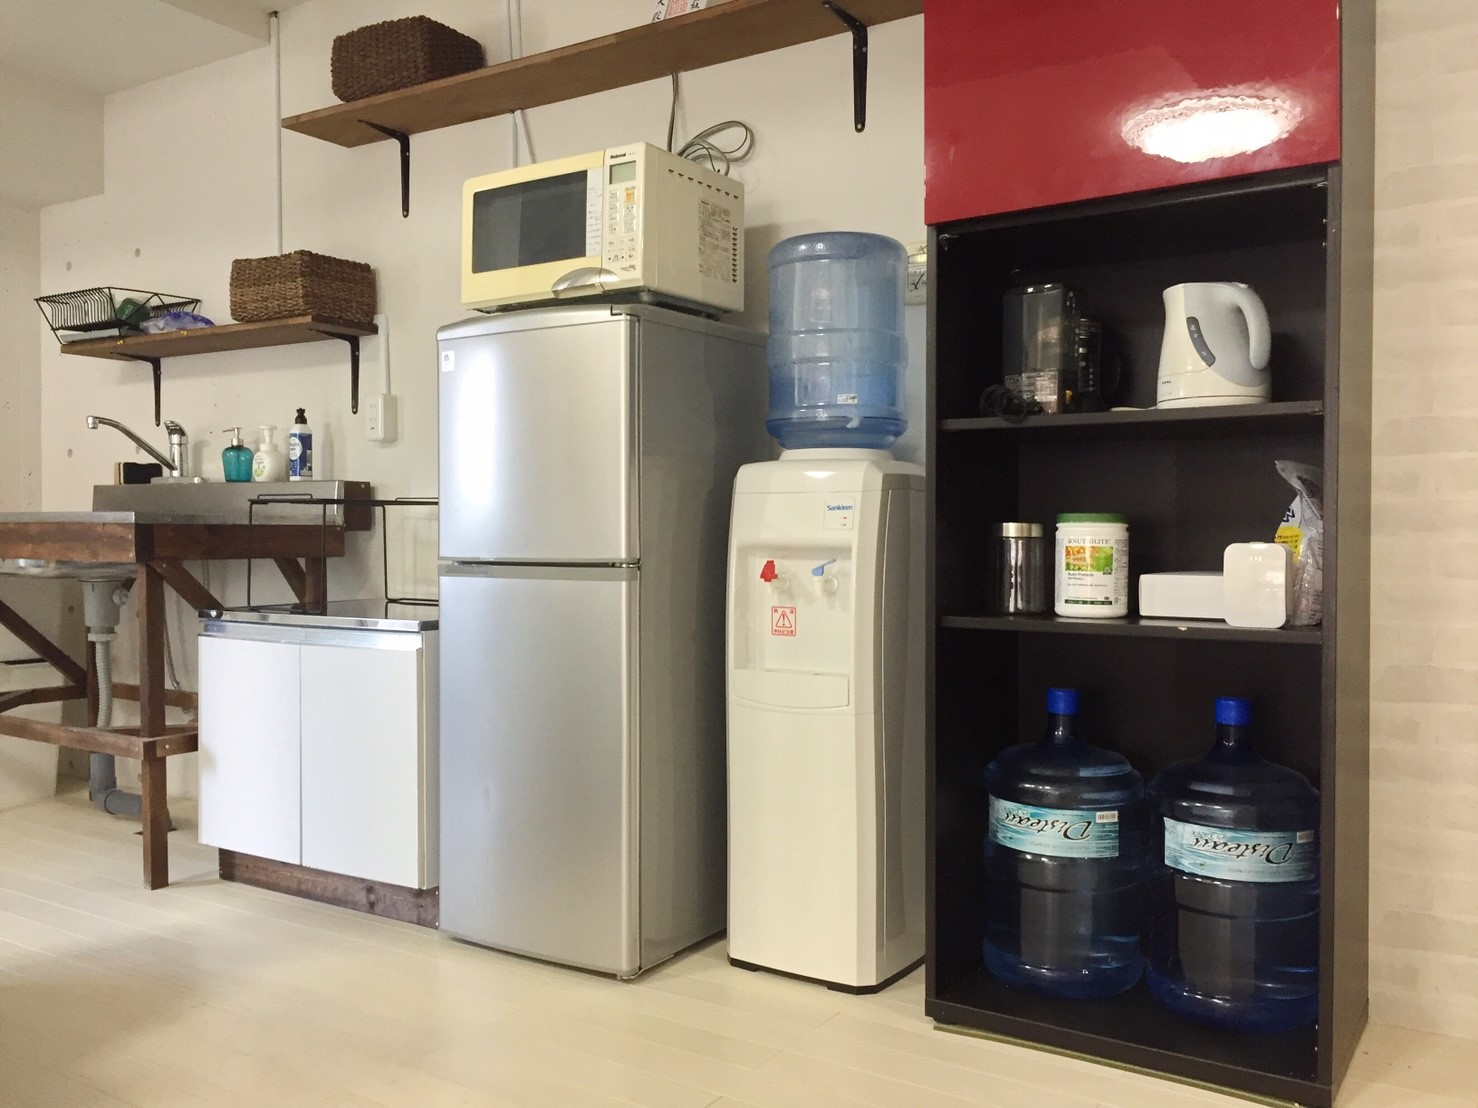 新オフィスの様子 左手にコンパクトな自作のキッチンがあります(DIY)《 AsiaHome(エイジアホーム)会社移転》